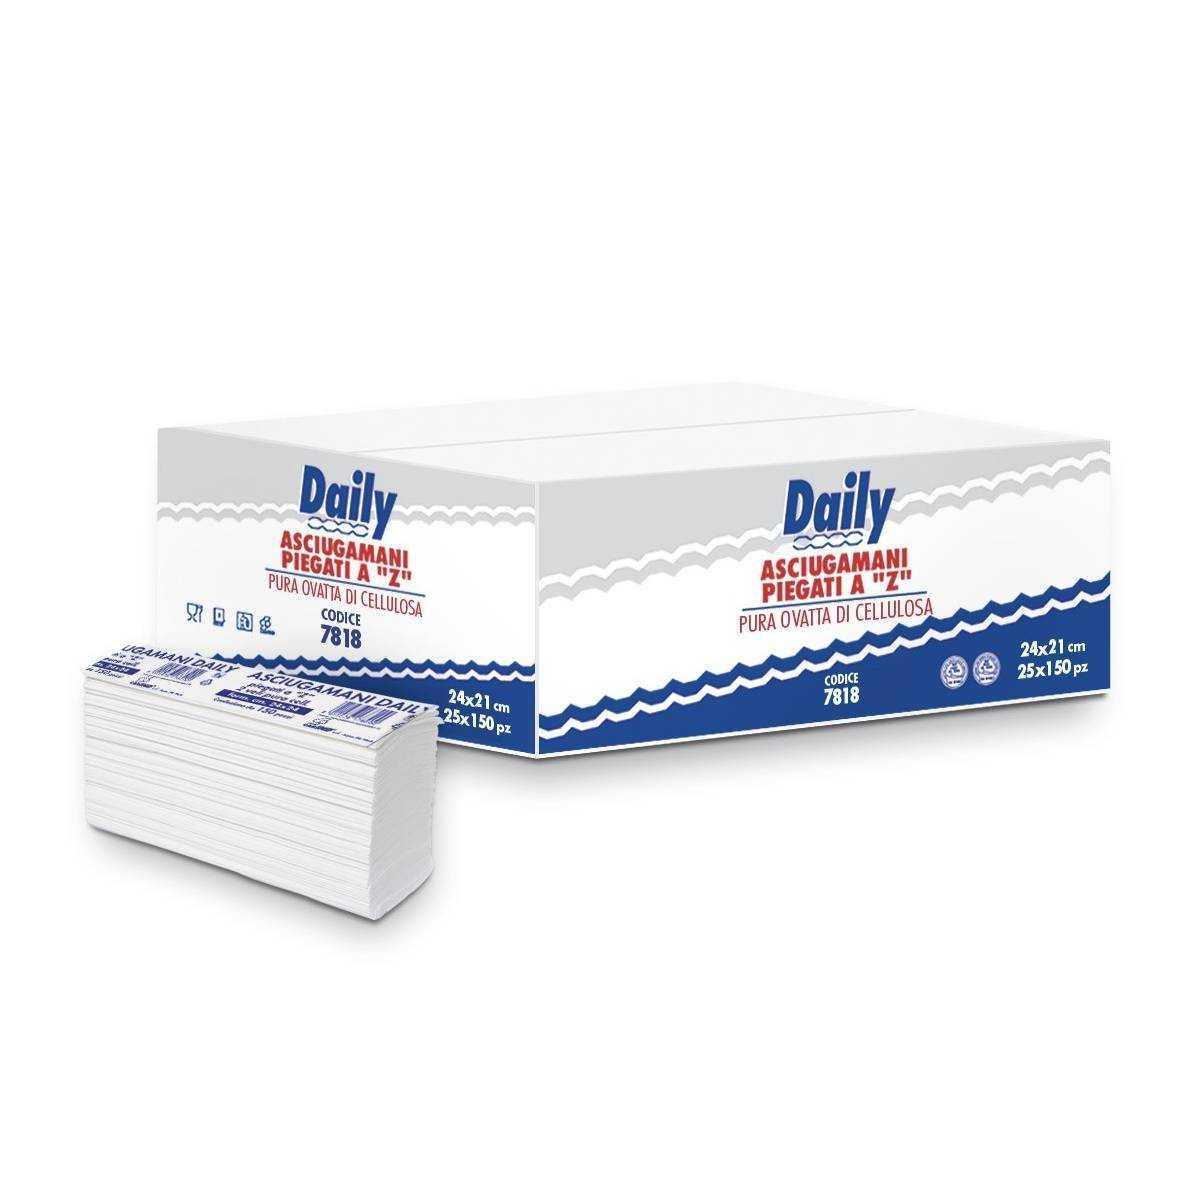 Полотенца бумажные Carind Daily (Z-складка, ящик-25 пачек по 120 листов) 7818 Carind